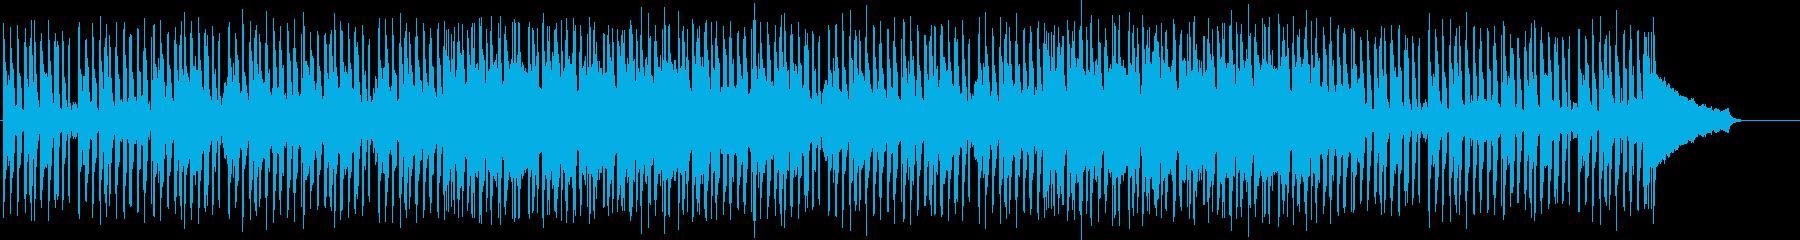 シックでスタイリッシュなBGMの再生済みの波形